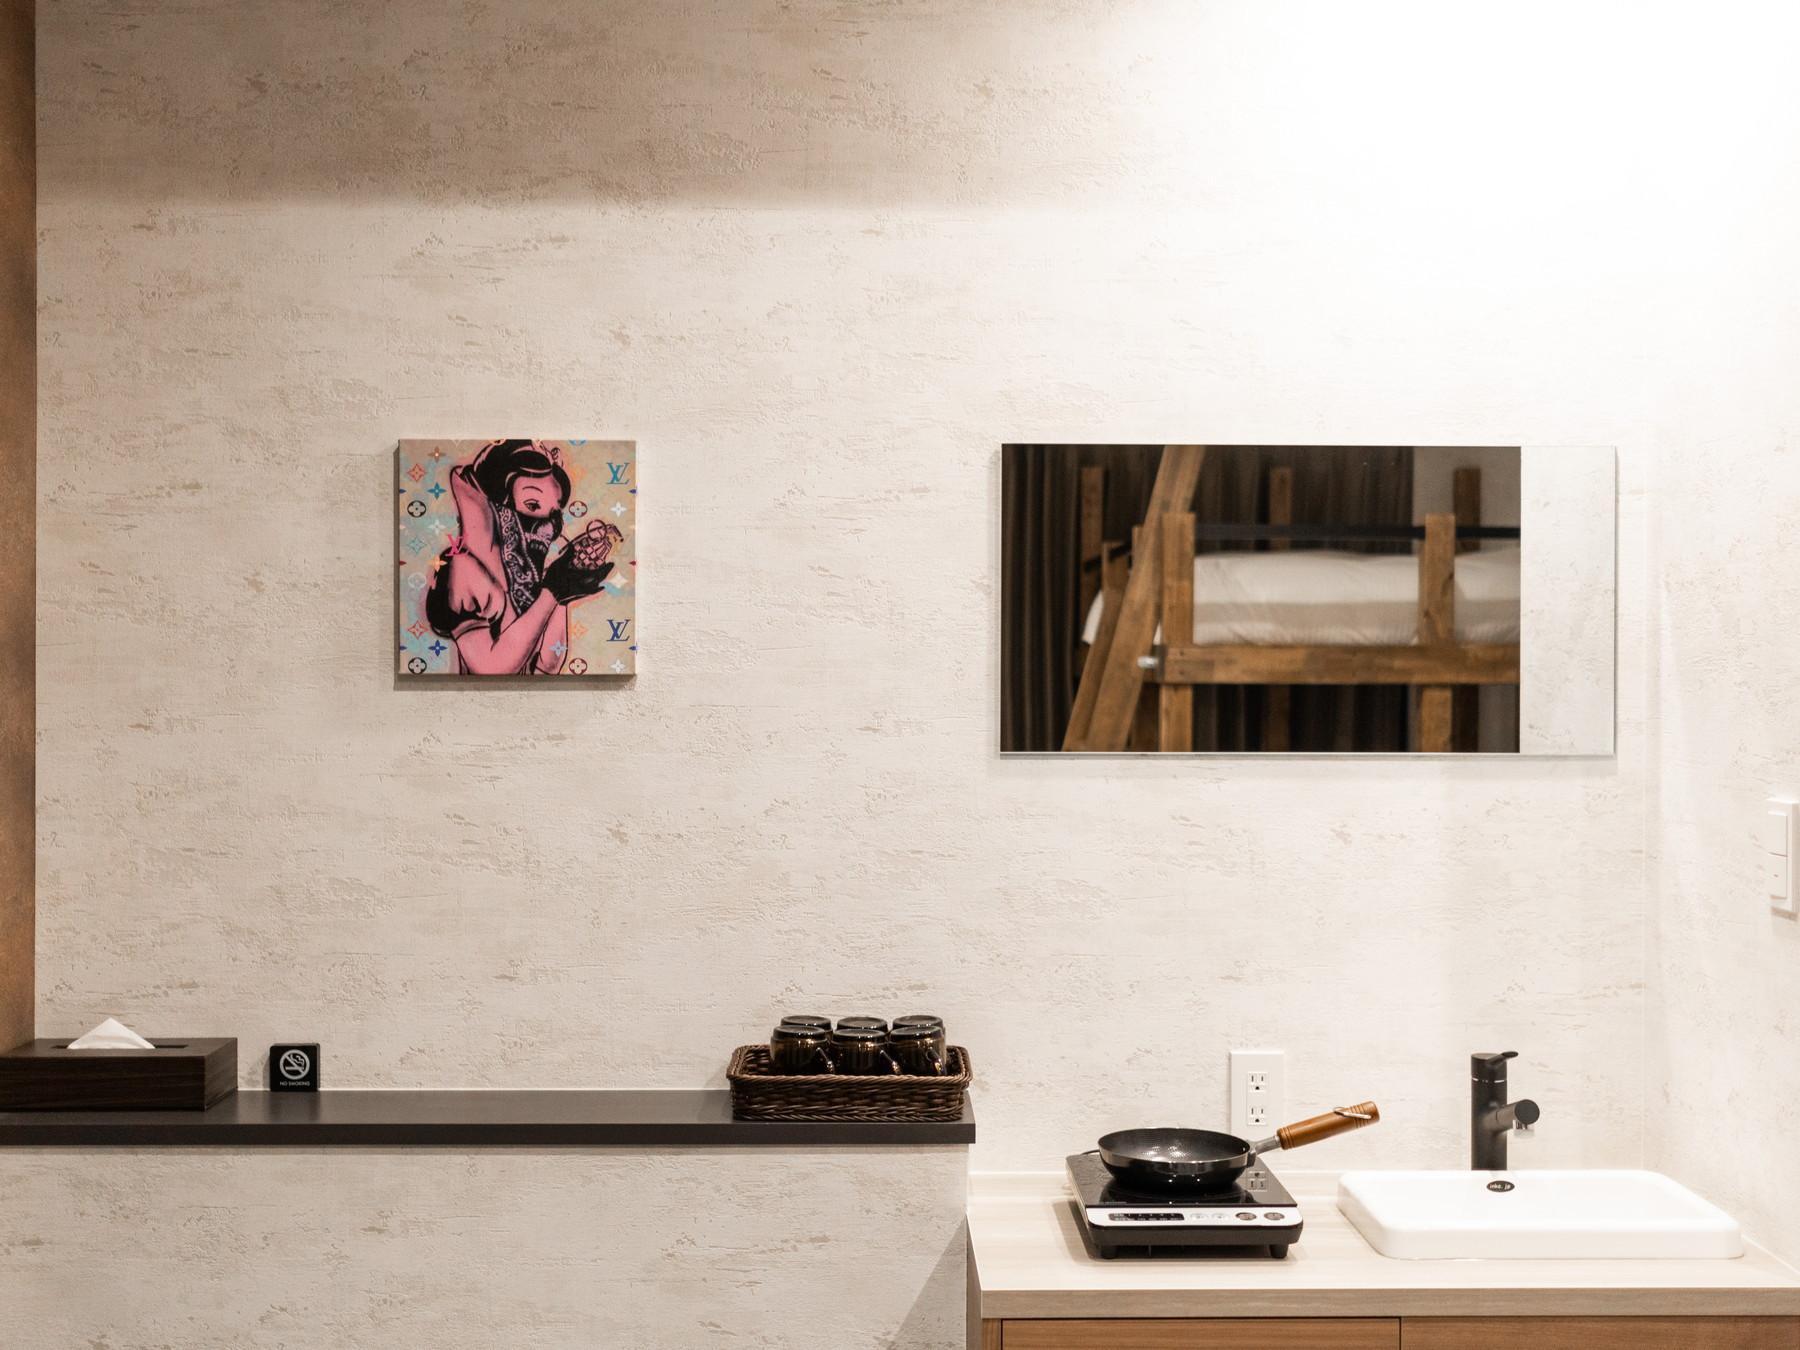 おしゃれな絵画がお部屋を彩る